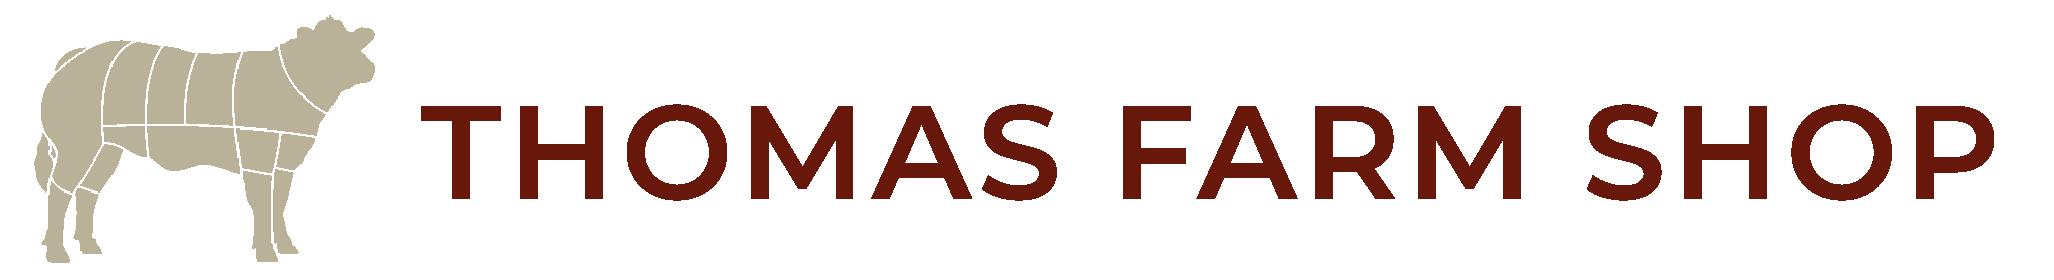 Thomas Farm Shop